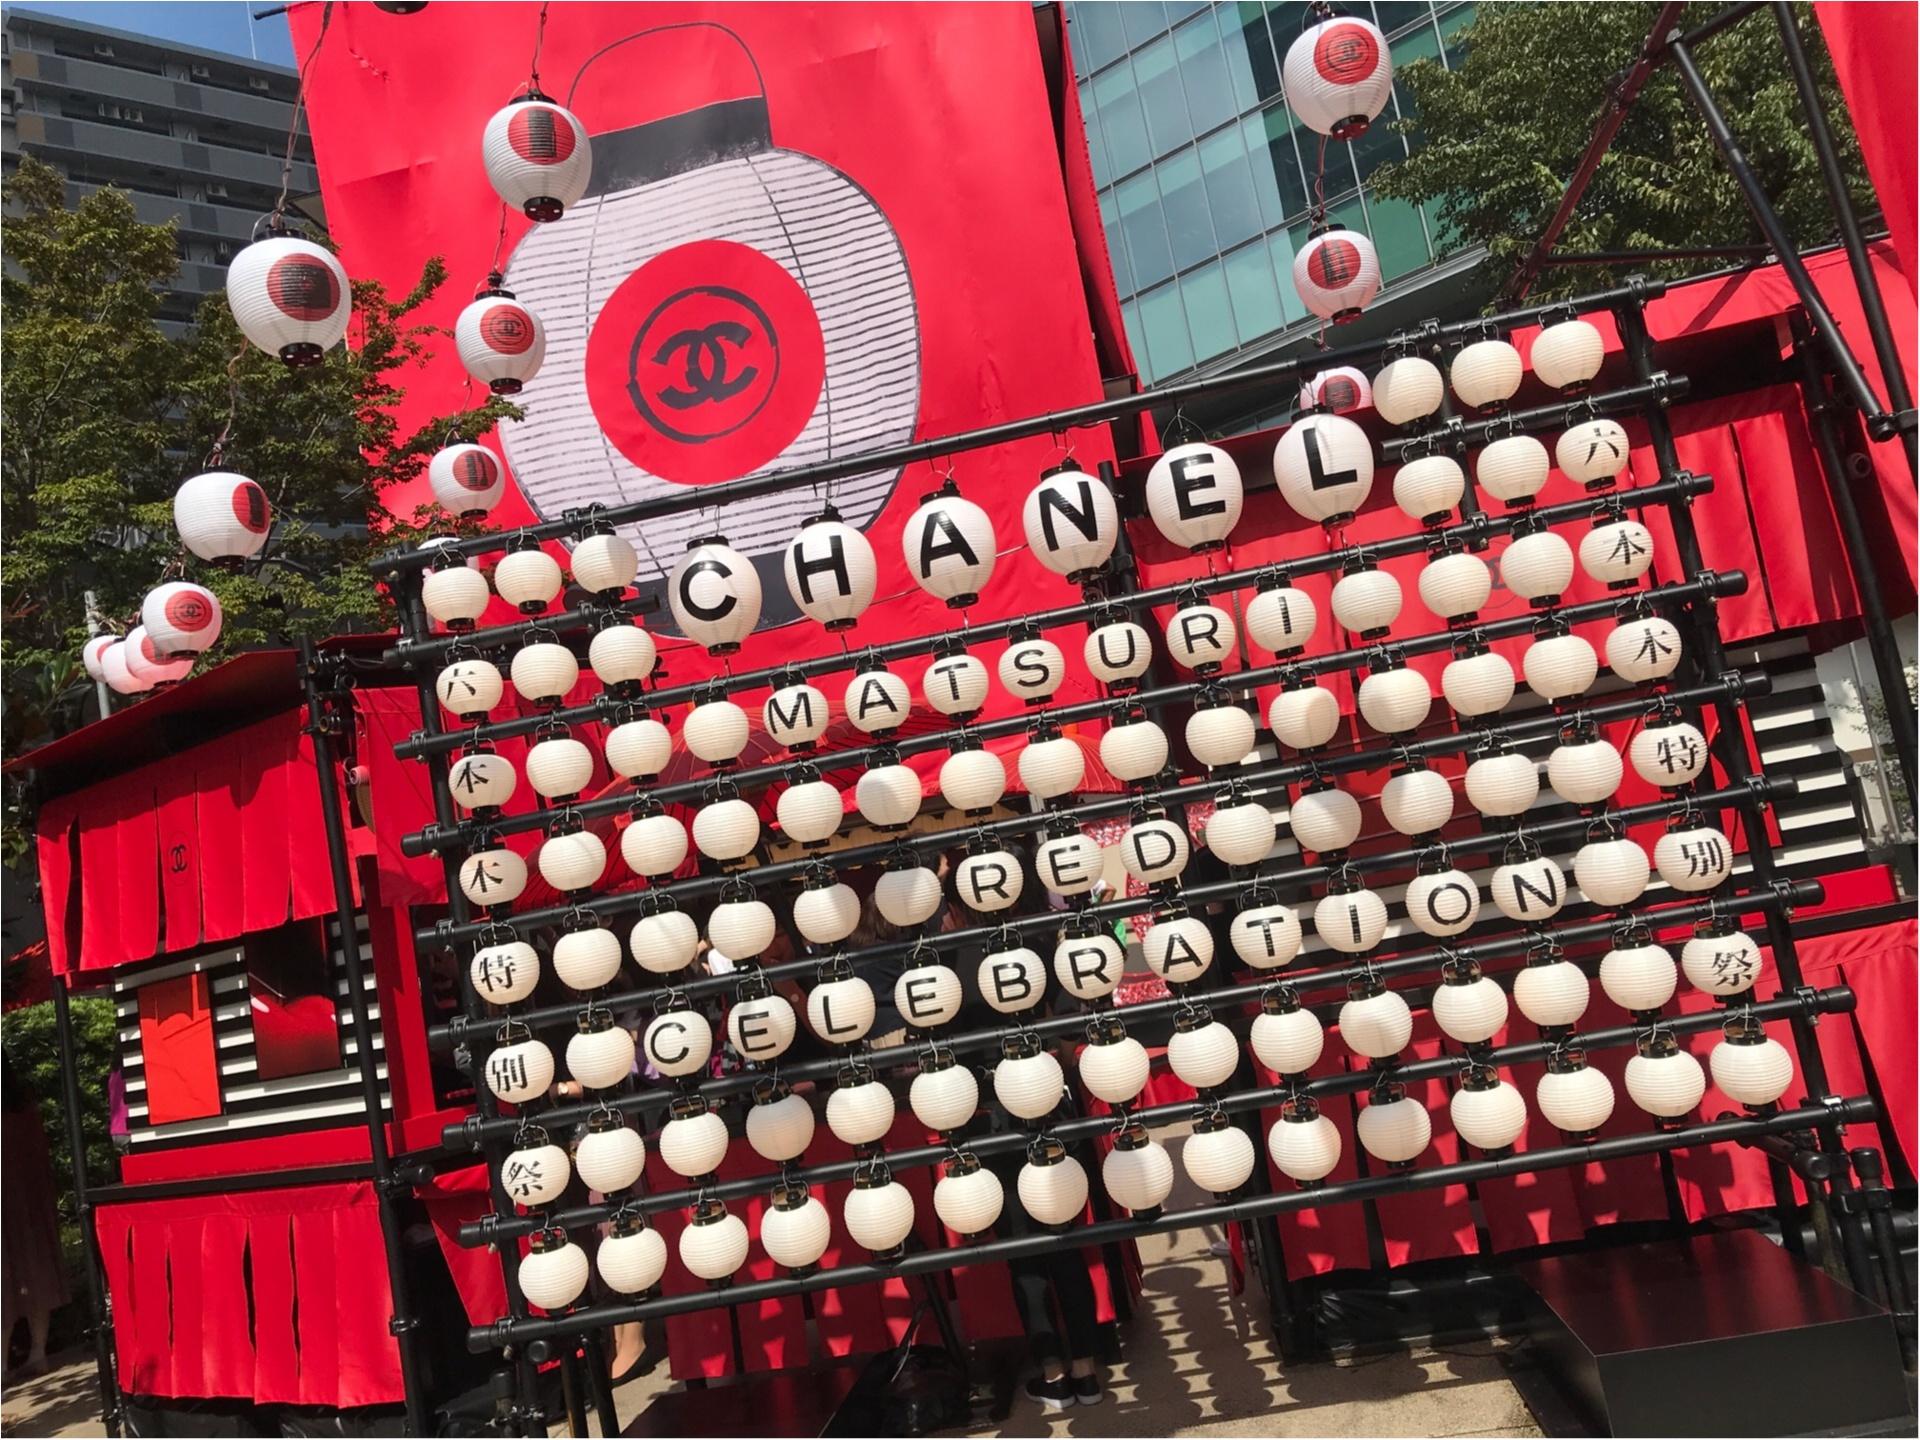 【CHANEL(シャネル)祭り】大変身!プロによるメークアップ体験がかなりおすすめ♡_1